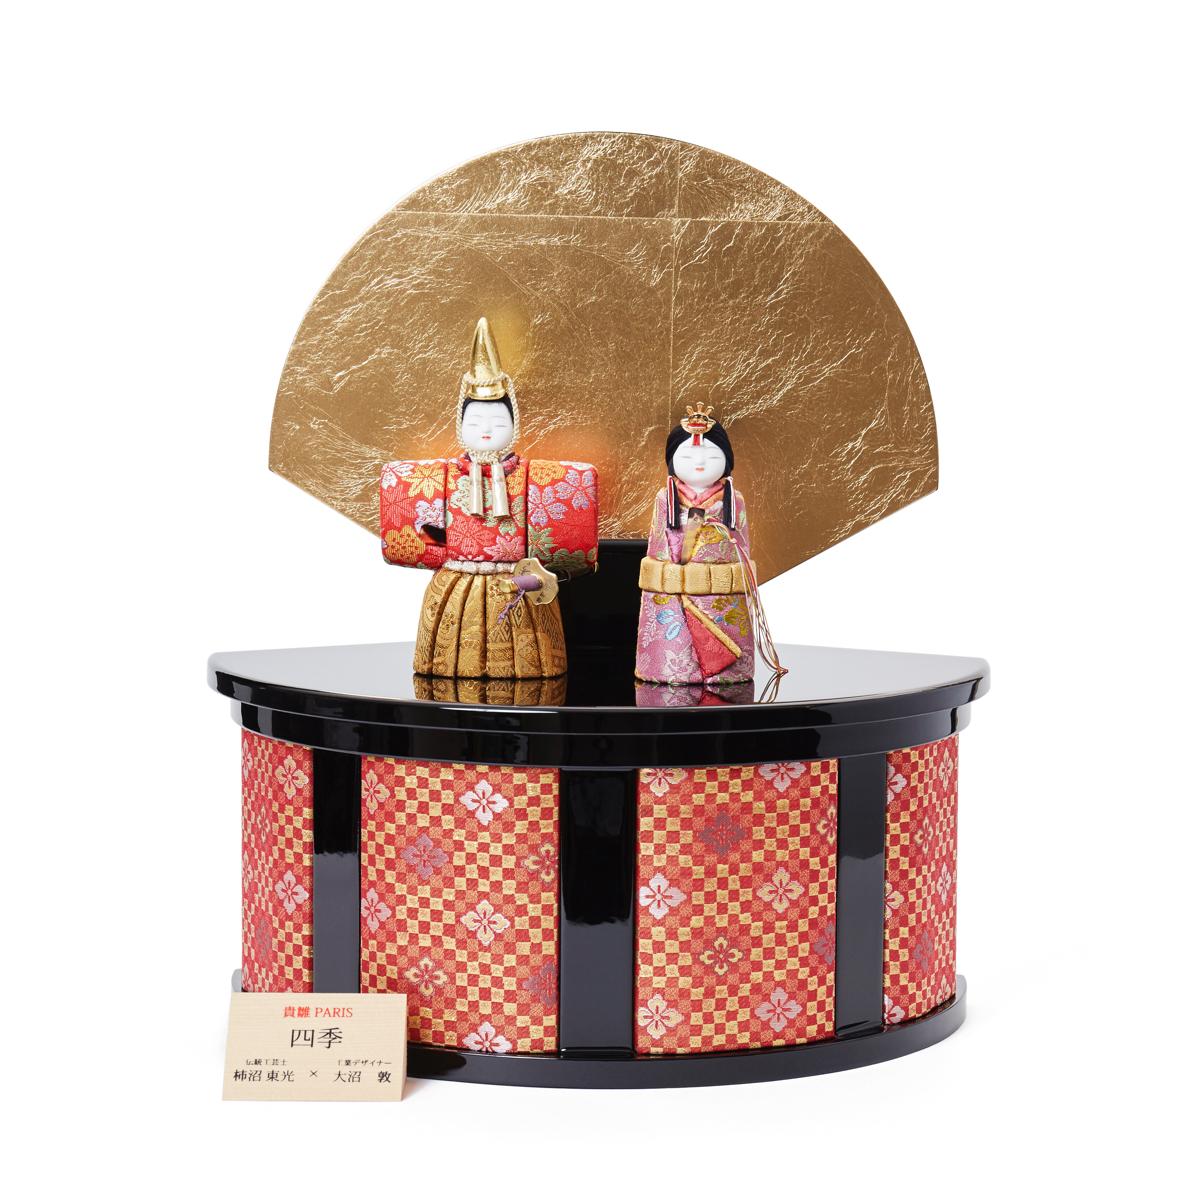 『毎年の幸せ』が御嬢様と家族に訪れる|《四季 立雛飾》毎年飾るのが楽しみになる、7つの日本伝統工芸をコンパクトにした、木目込みプレミアム雛人形 | 四季 立雛飾